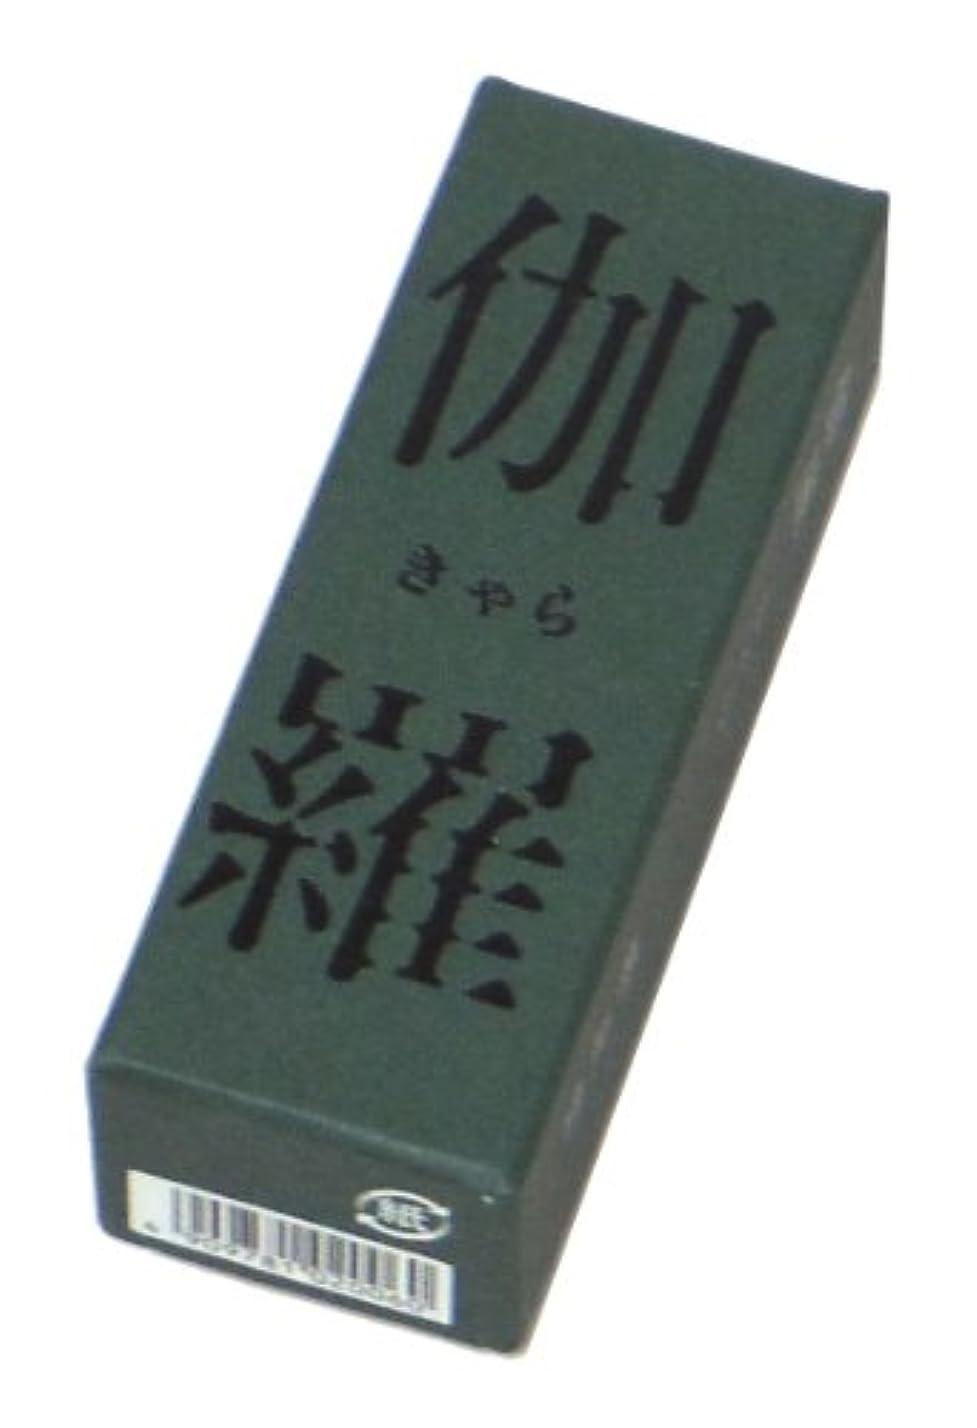 出身地外交官ホステル鳩居堂のお香 香木の香り 伽羅 20本入 6cm